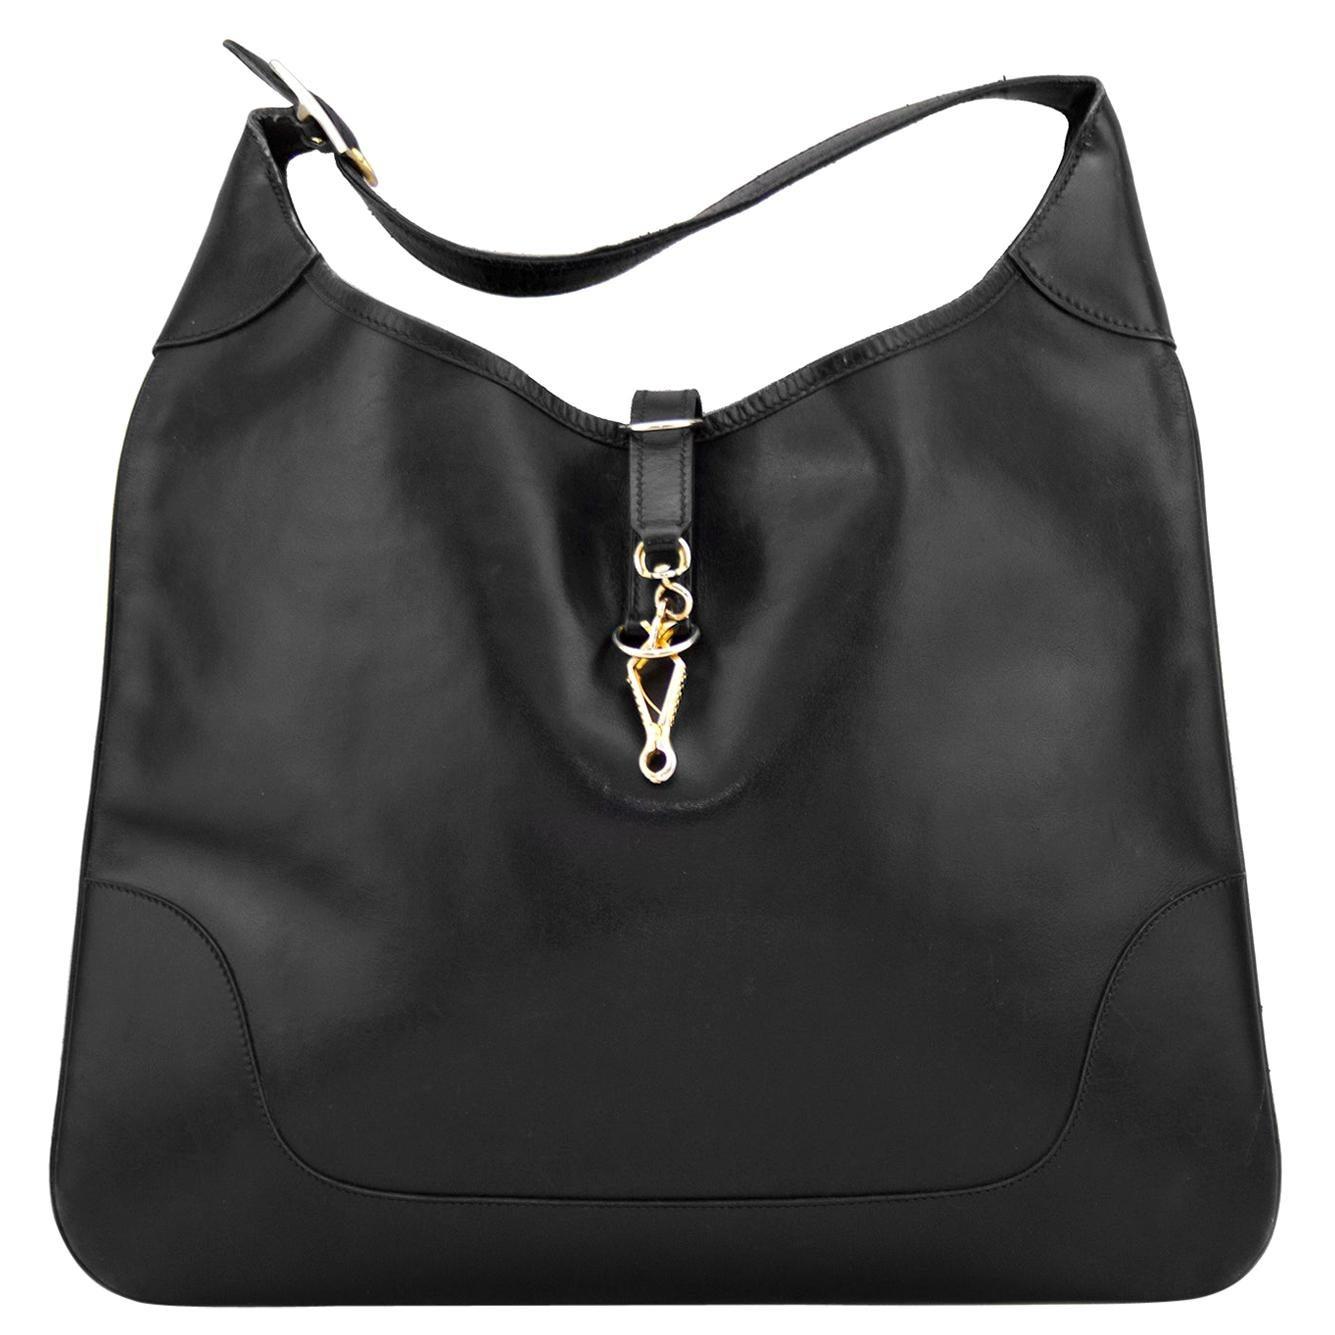 1980s Hermes Black Leather Trim Bag 38cm